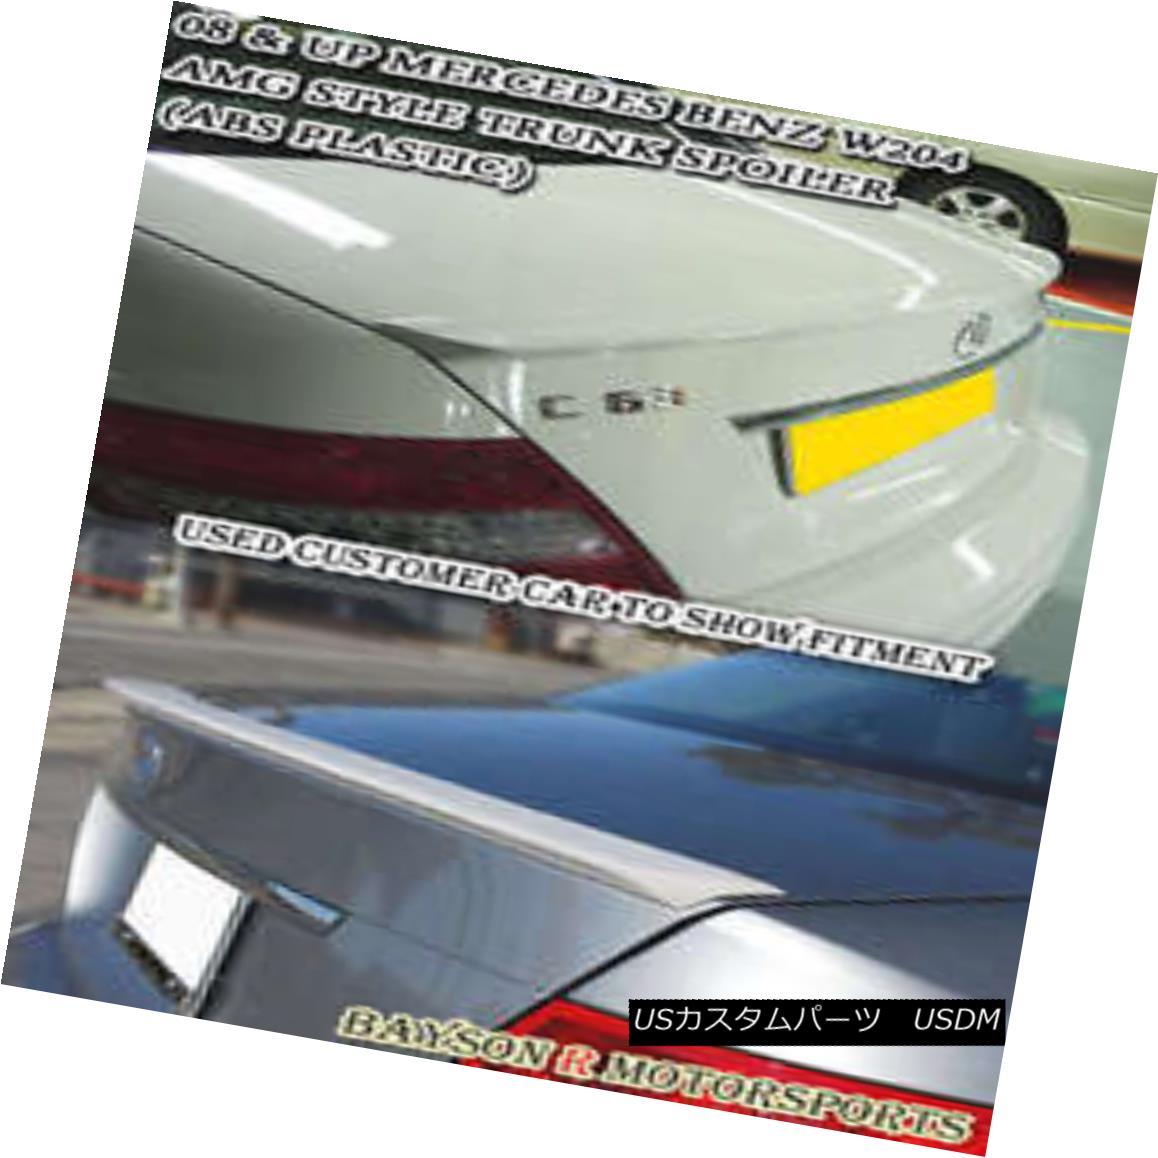 エアロパーツ A-Style Rear Trunk Spoiler Wing (ABS) Fits 08-14 Mercedes C-Class W204 A型リアトランク・スポイラー・ウィング(ABS)が08-14メルセデスCクラスW204に適合